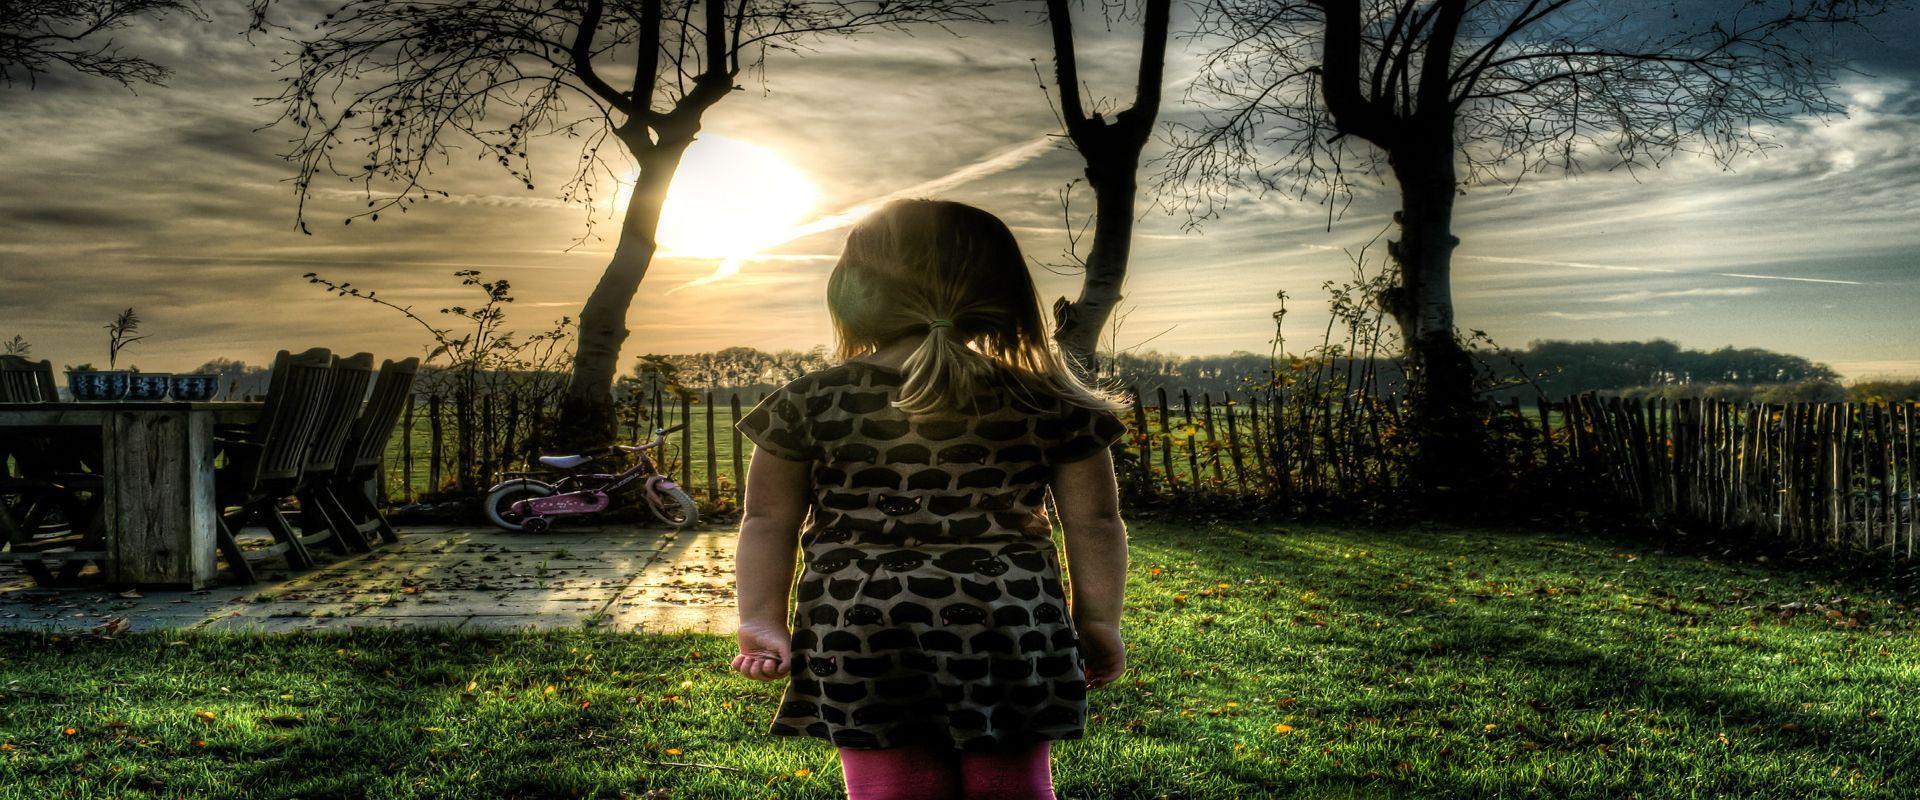 Kada dijete postane smisao života